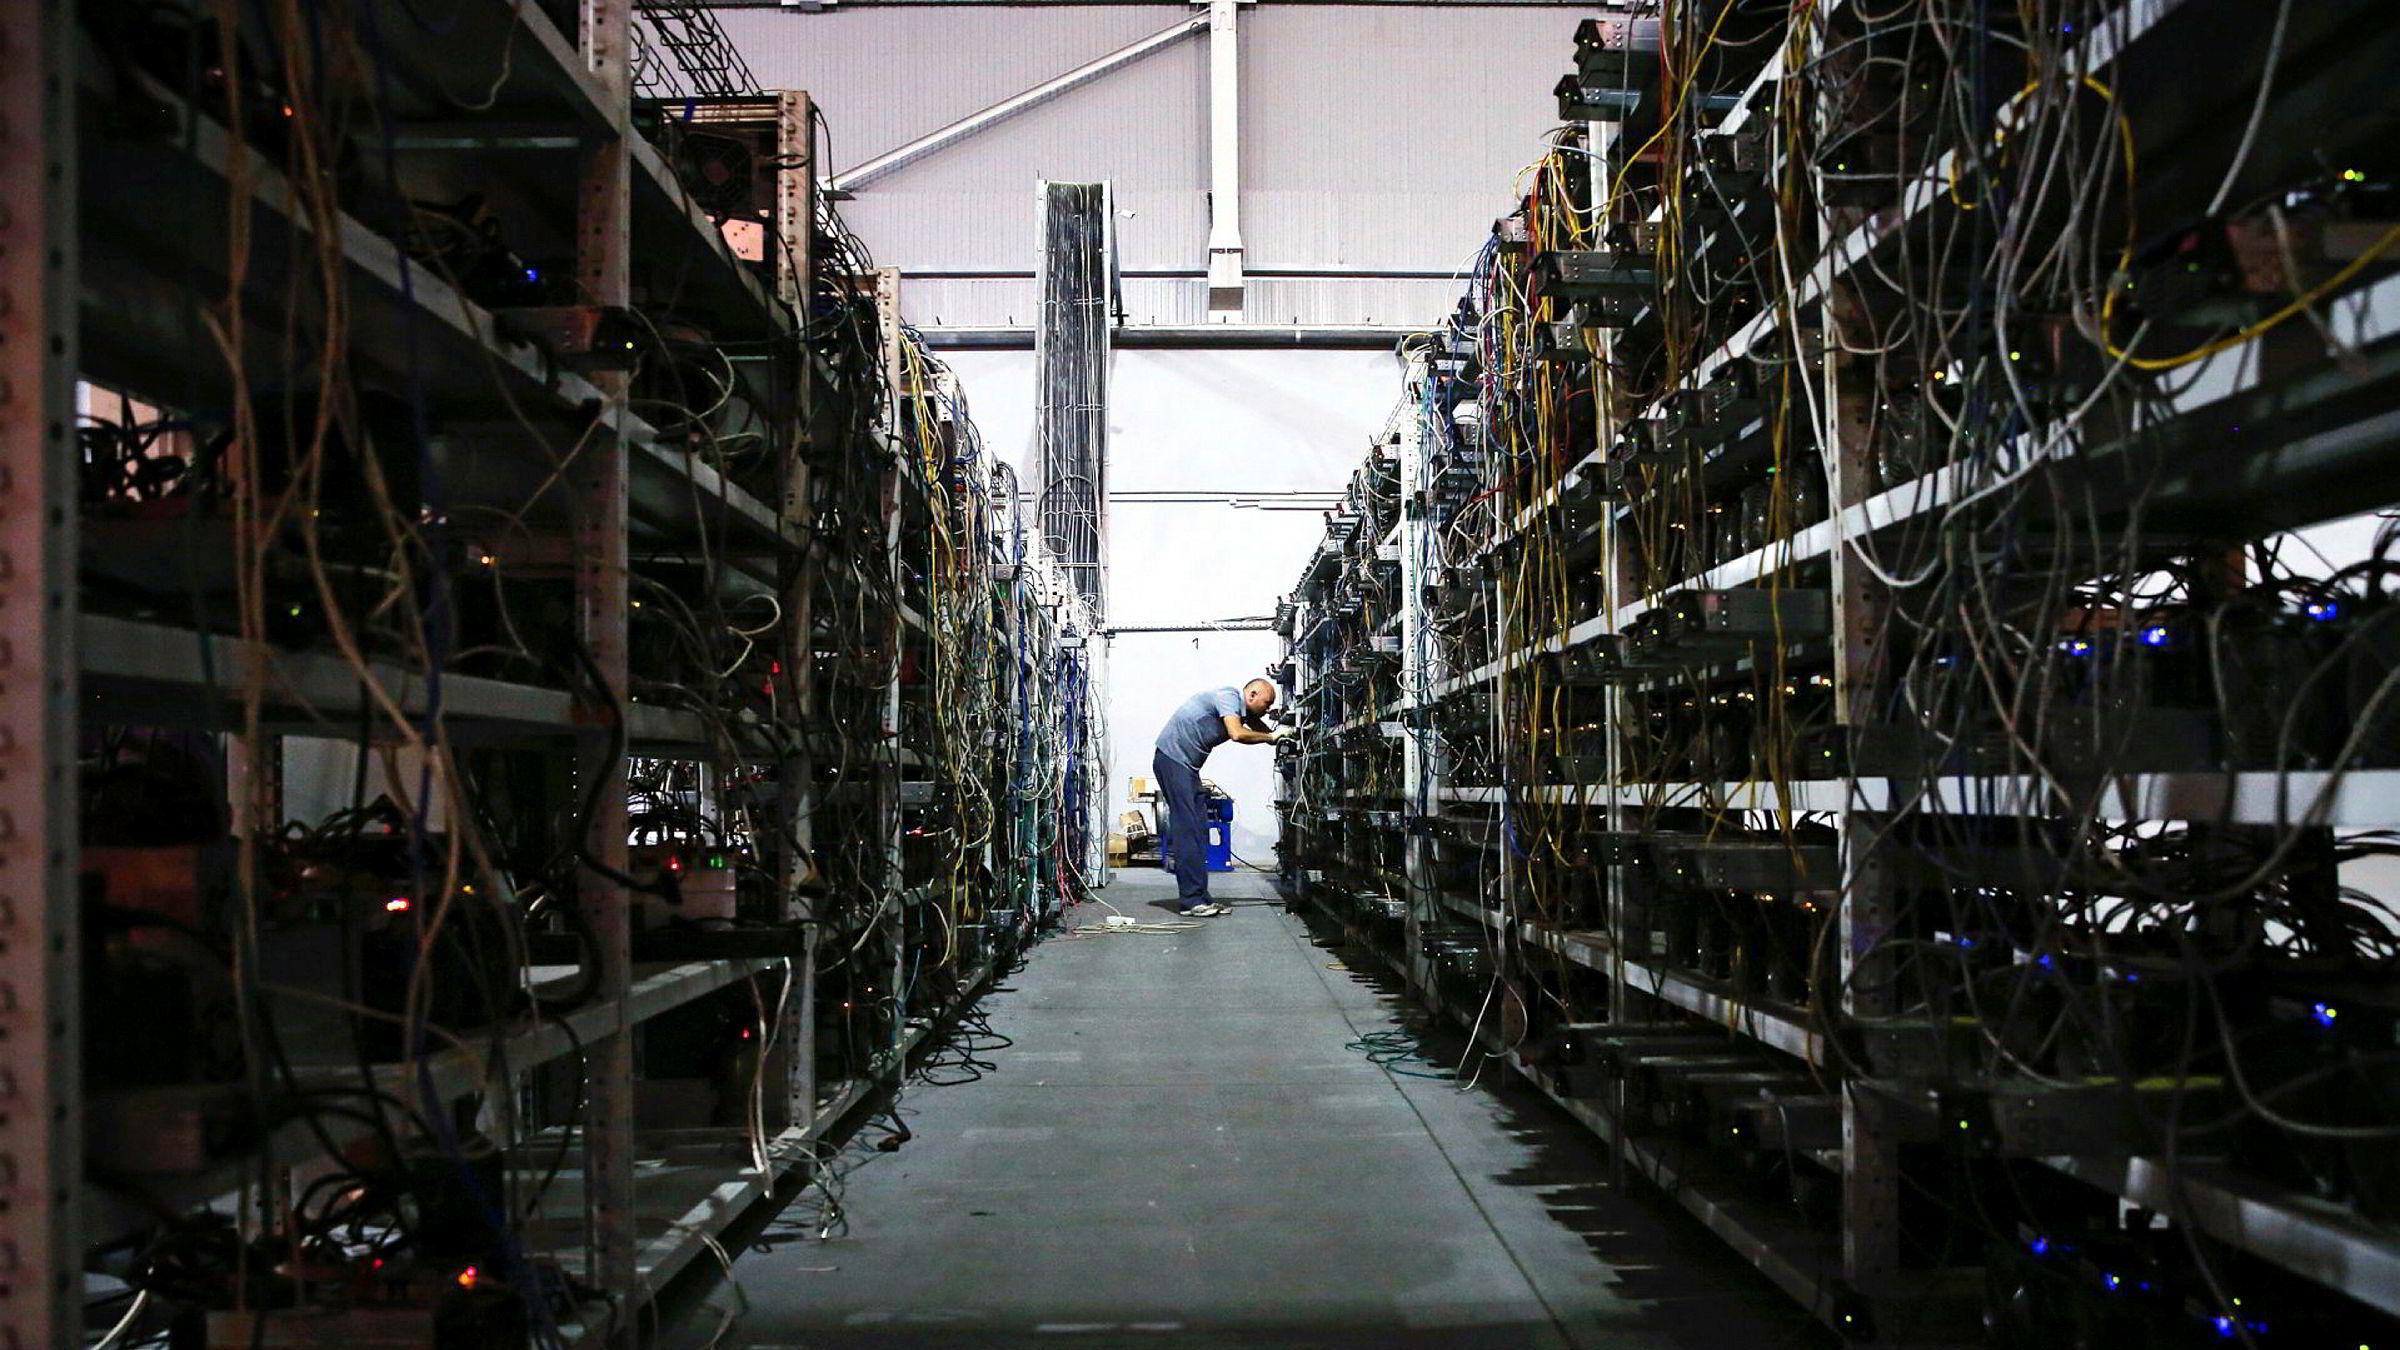 Handel med bitcoin i utviklingslandene er nå større enn i USA, som er det største enkeltmarkedet, ifølge tall fra LocalBitcoins. Her fra russiske Dmitry Marinichevs «kryptovalutagruve» i en gammel bilfabrikk i Moskva der flere hundre datamaskiner brukes til «utvinning» av bitcoin.